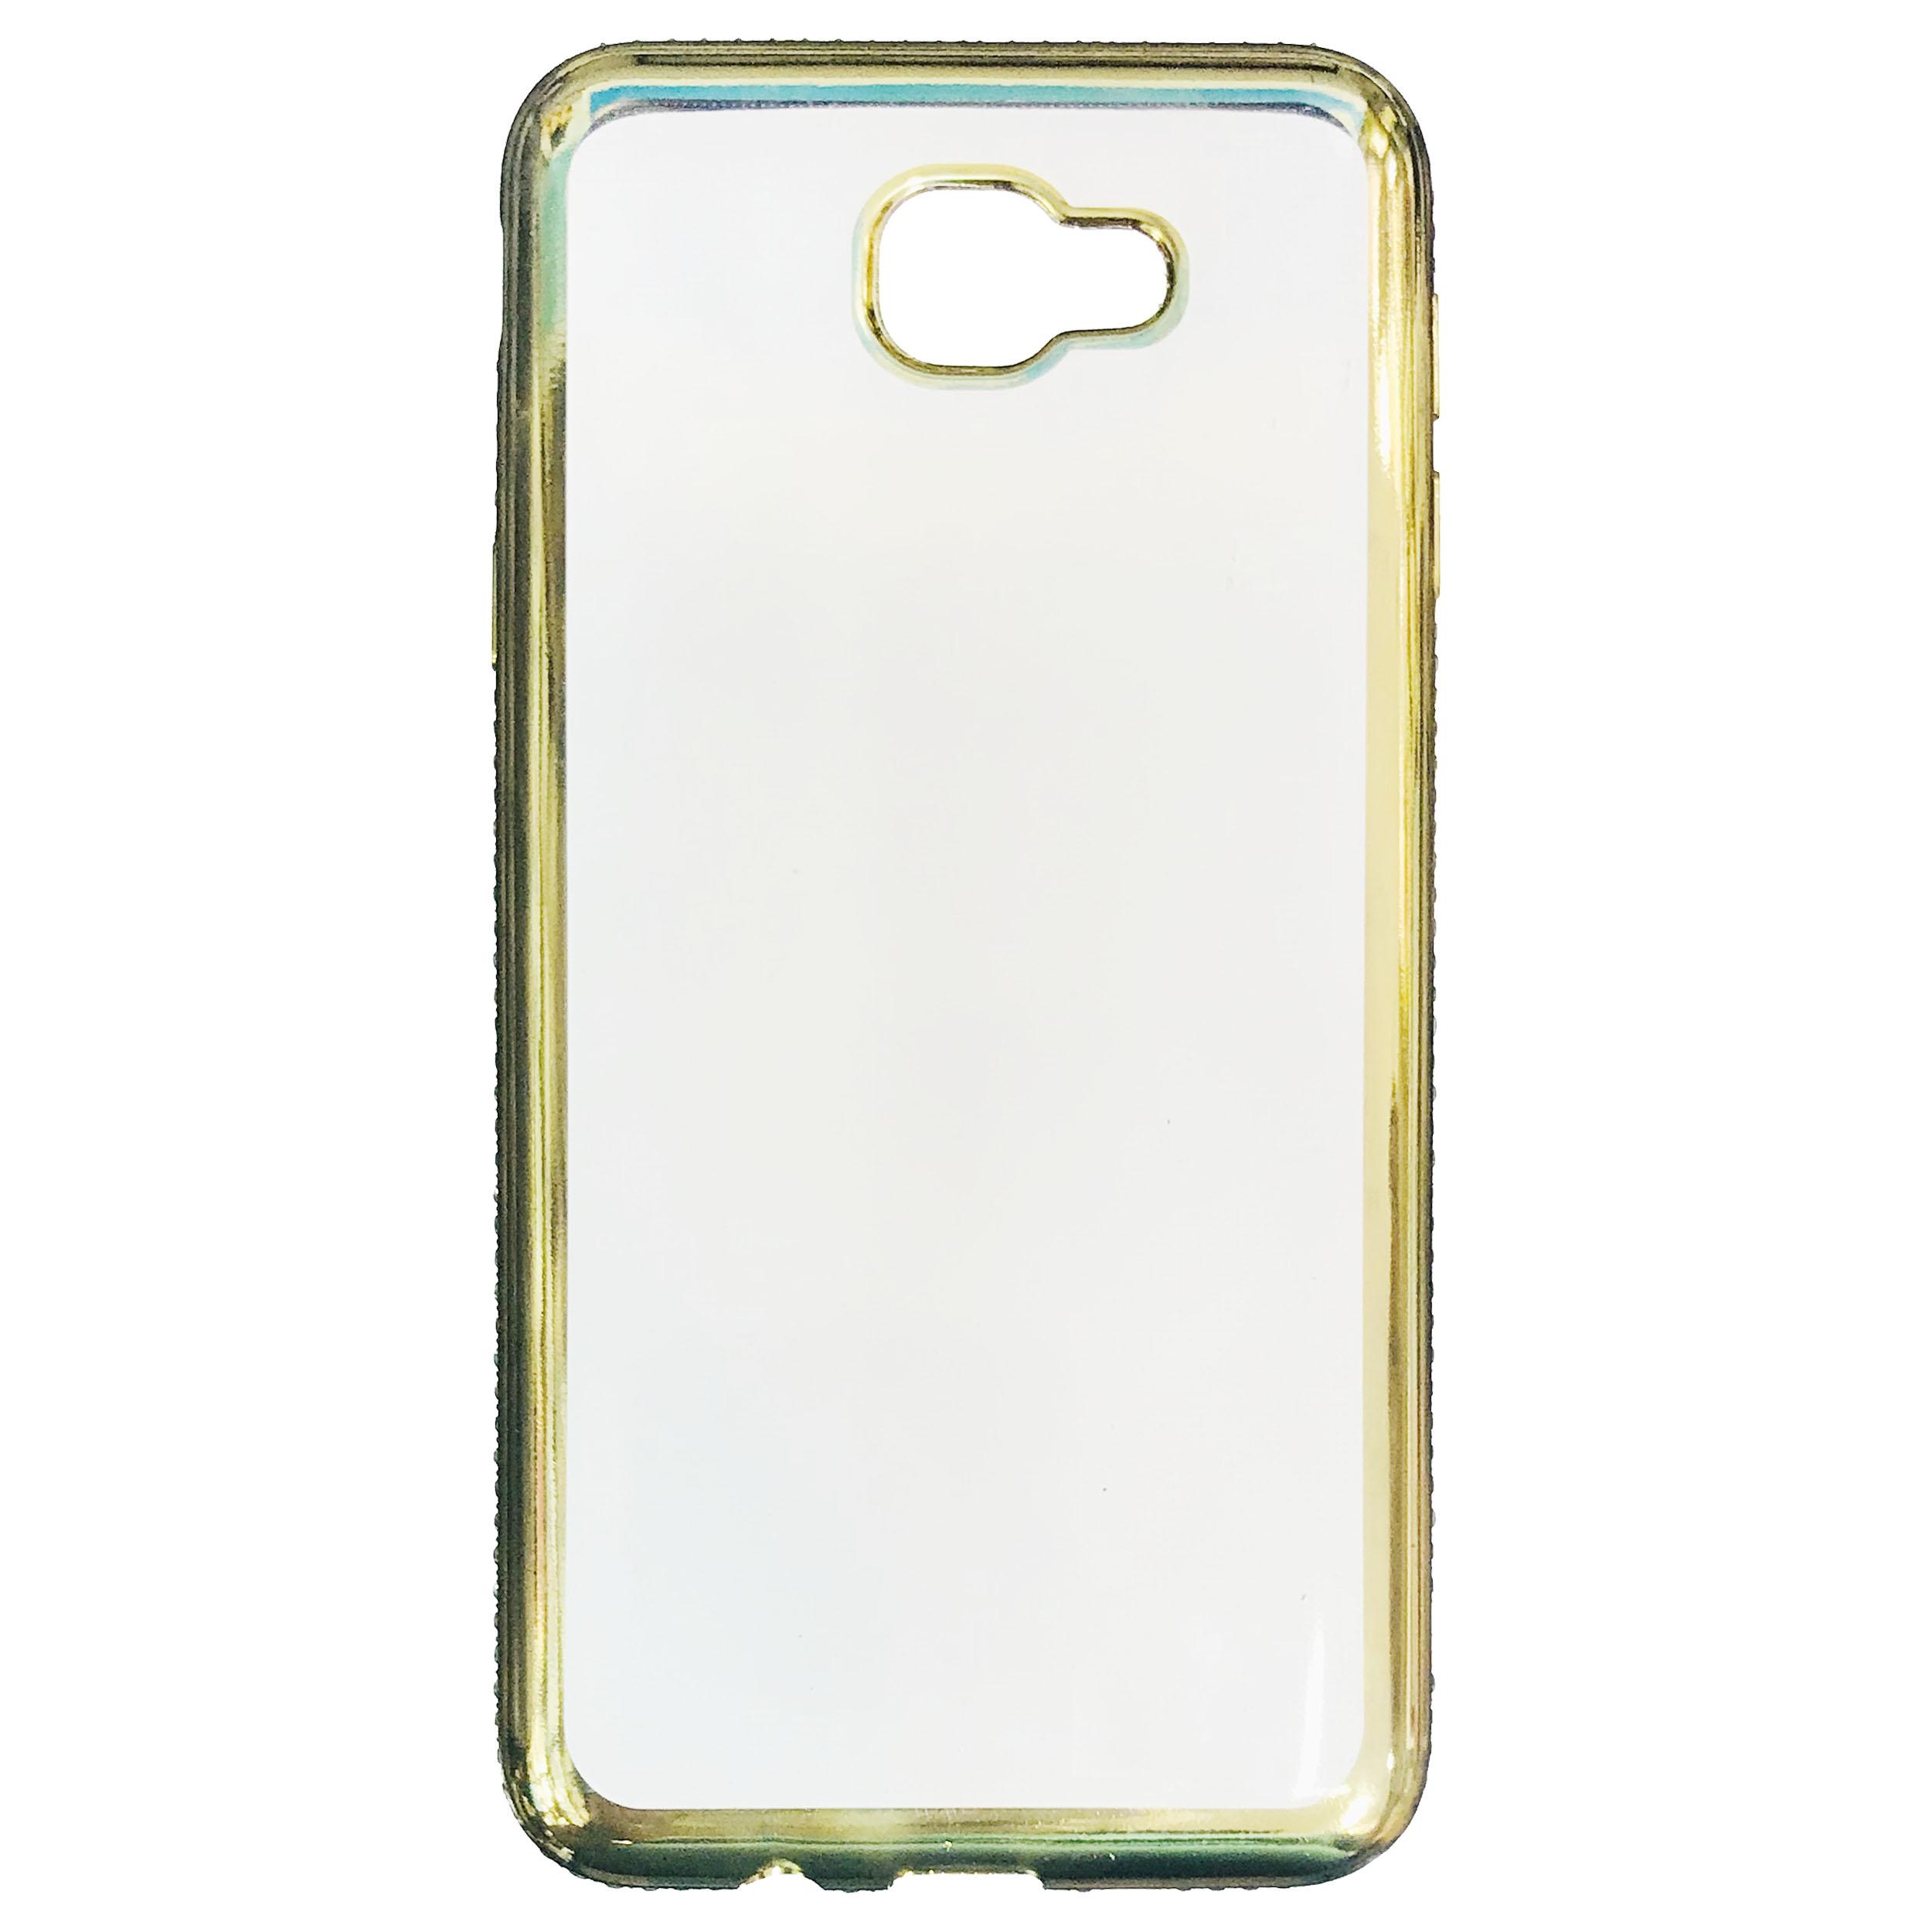 کاور ام تی چهار مدل AS116042003 مناسب برای گوشی موبایل سامسونگ Galaxy J5 Prime